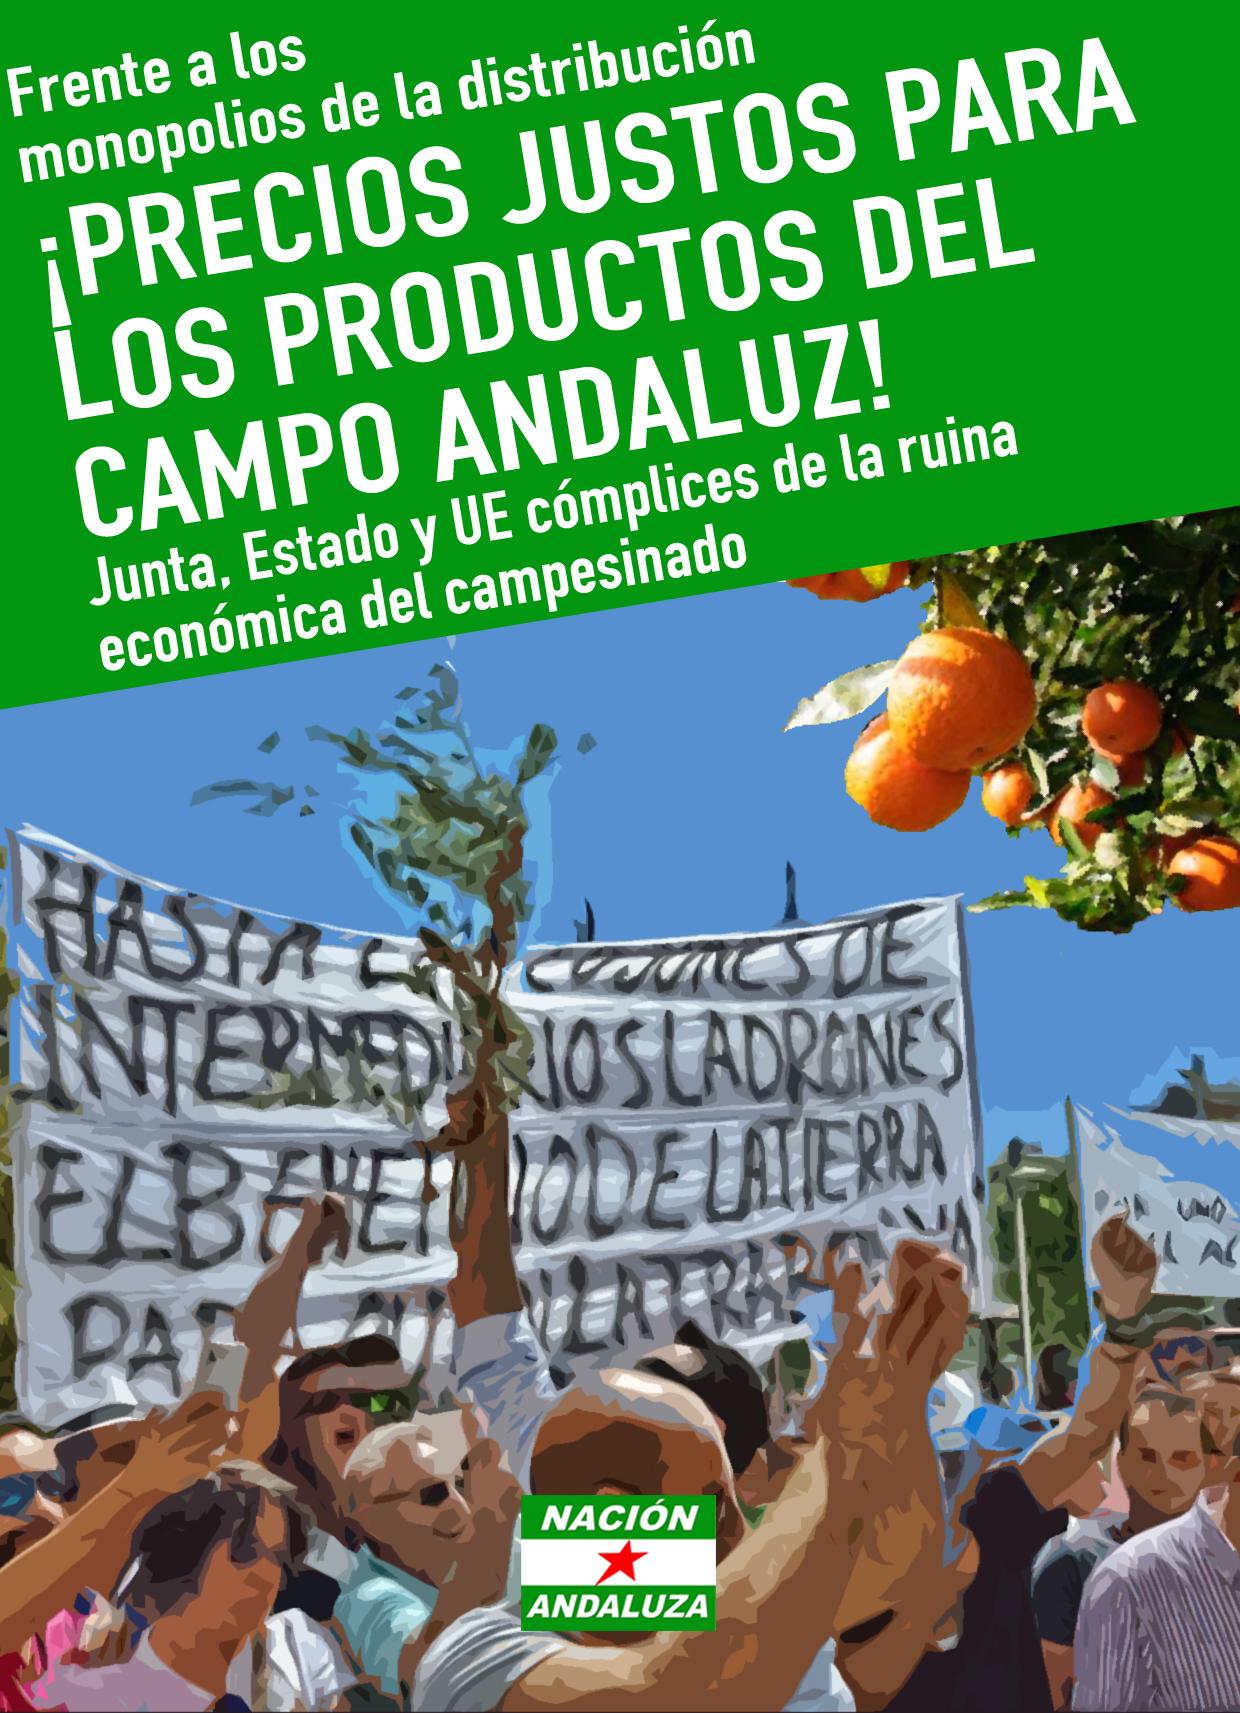 Nación Andaluza ante las movilizaciones del campesinado ¡PRECIOS JUSTOS PARA LOS PRODUCTOS DEL CAMPO ANDALUZ!